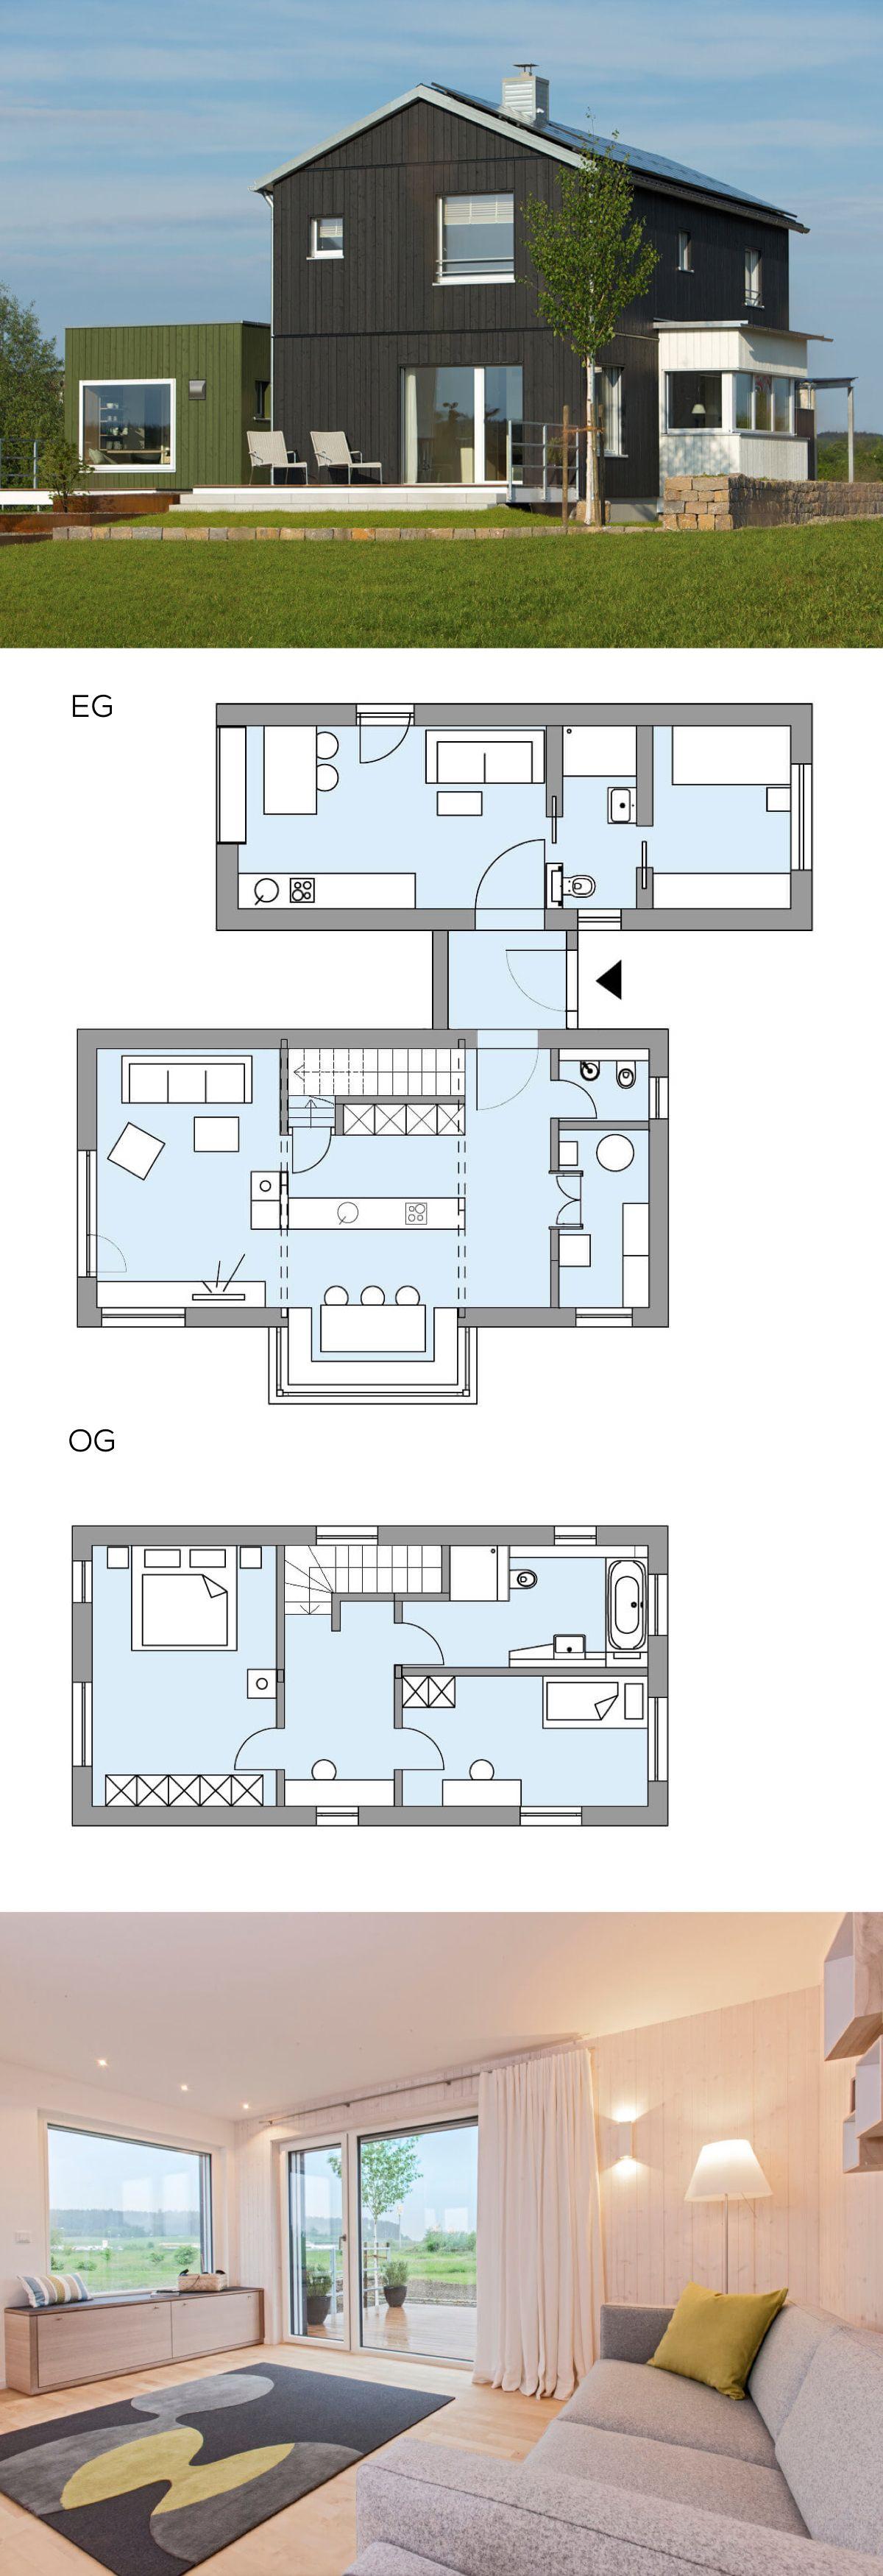 Modernes Einfamilienhaus Skandinavisch Mit Satteldach Architektur